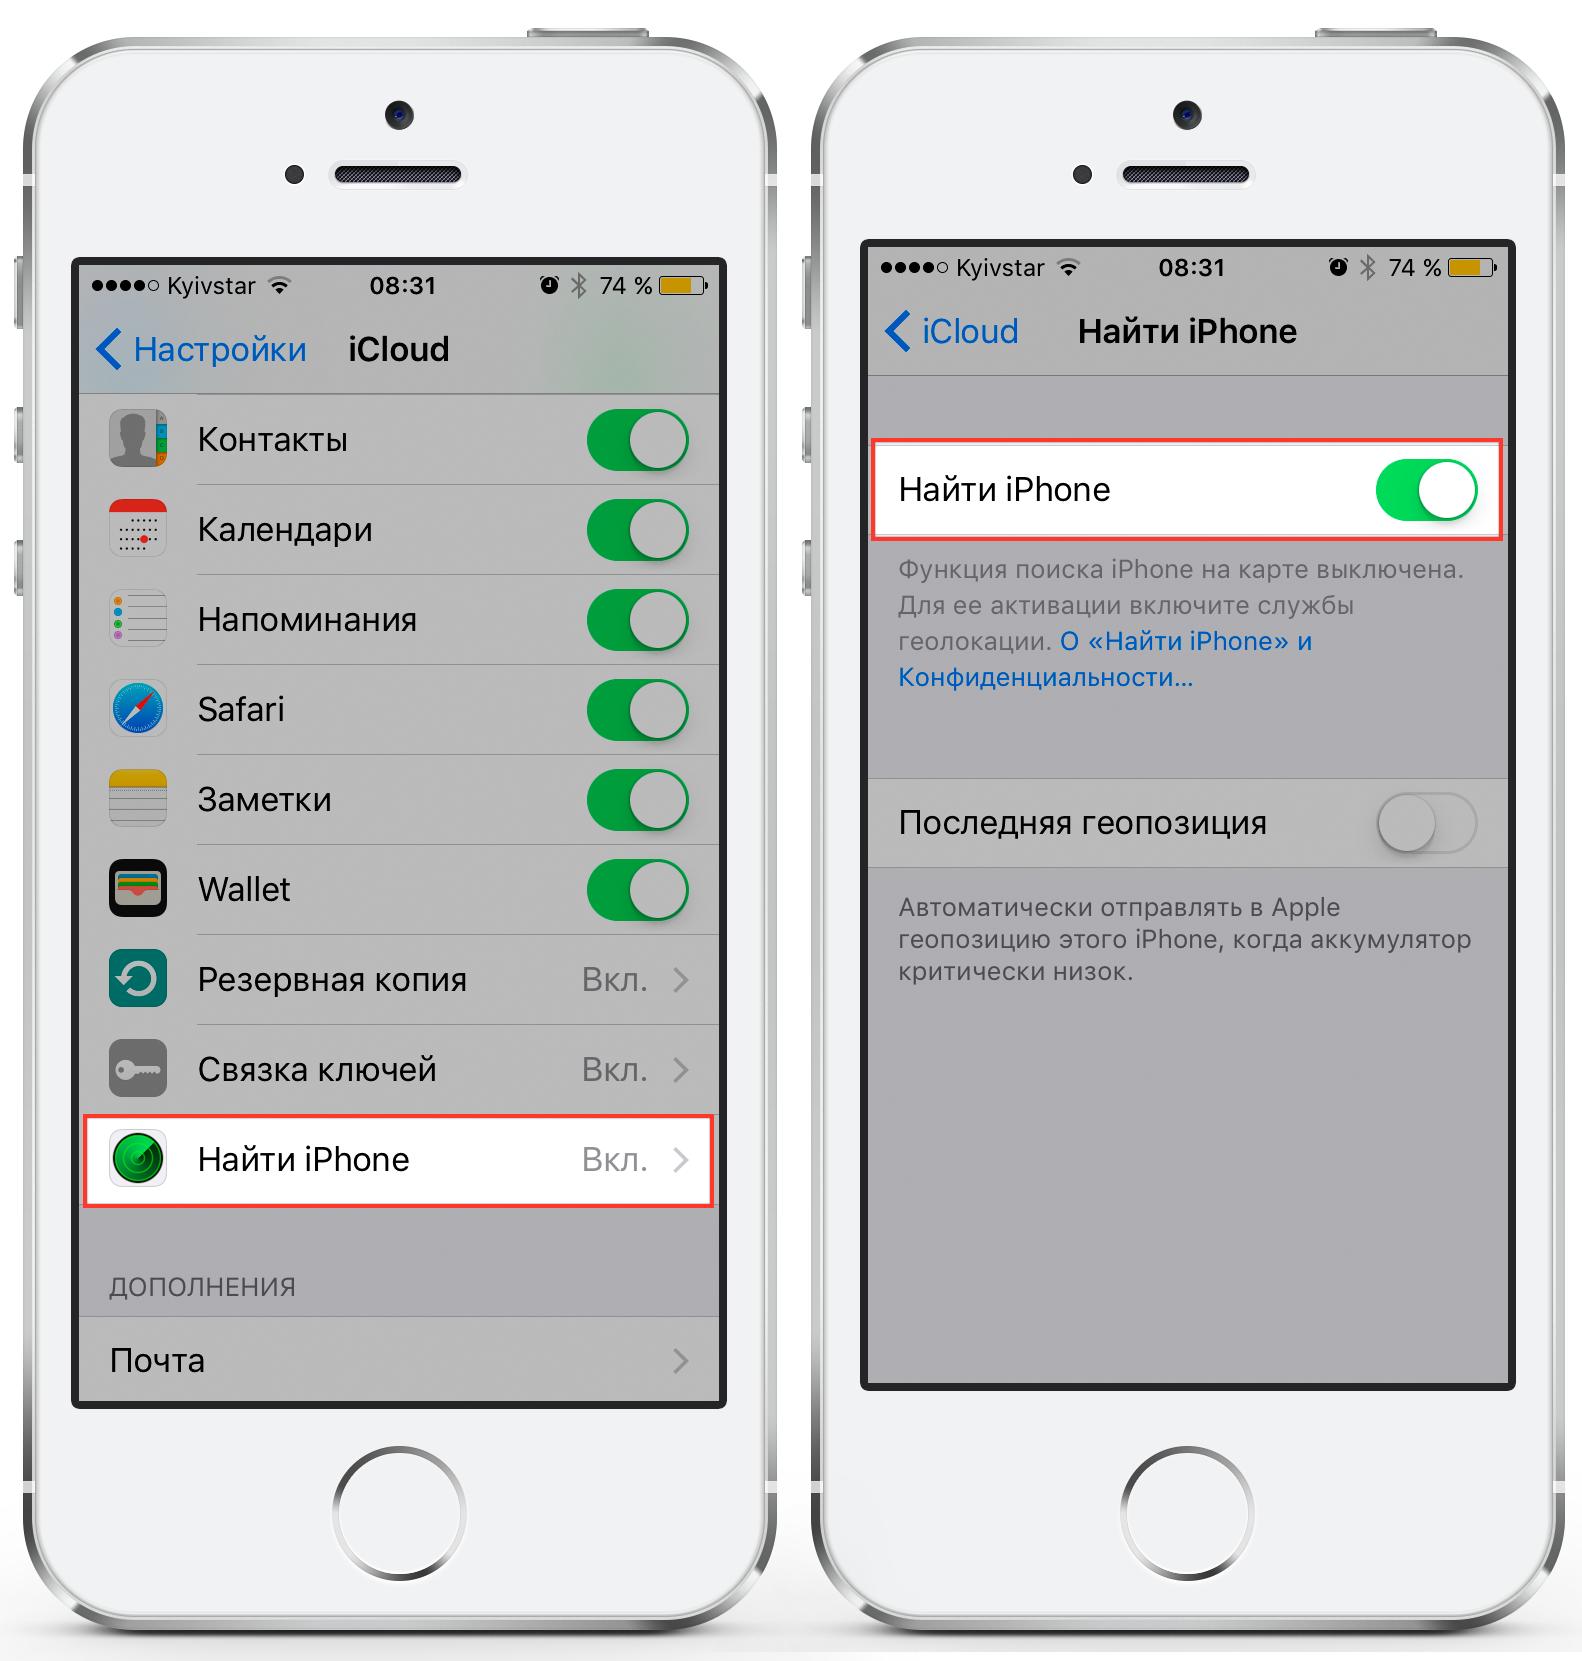 Как сделать своим найденный айфон